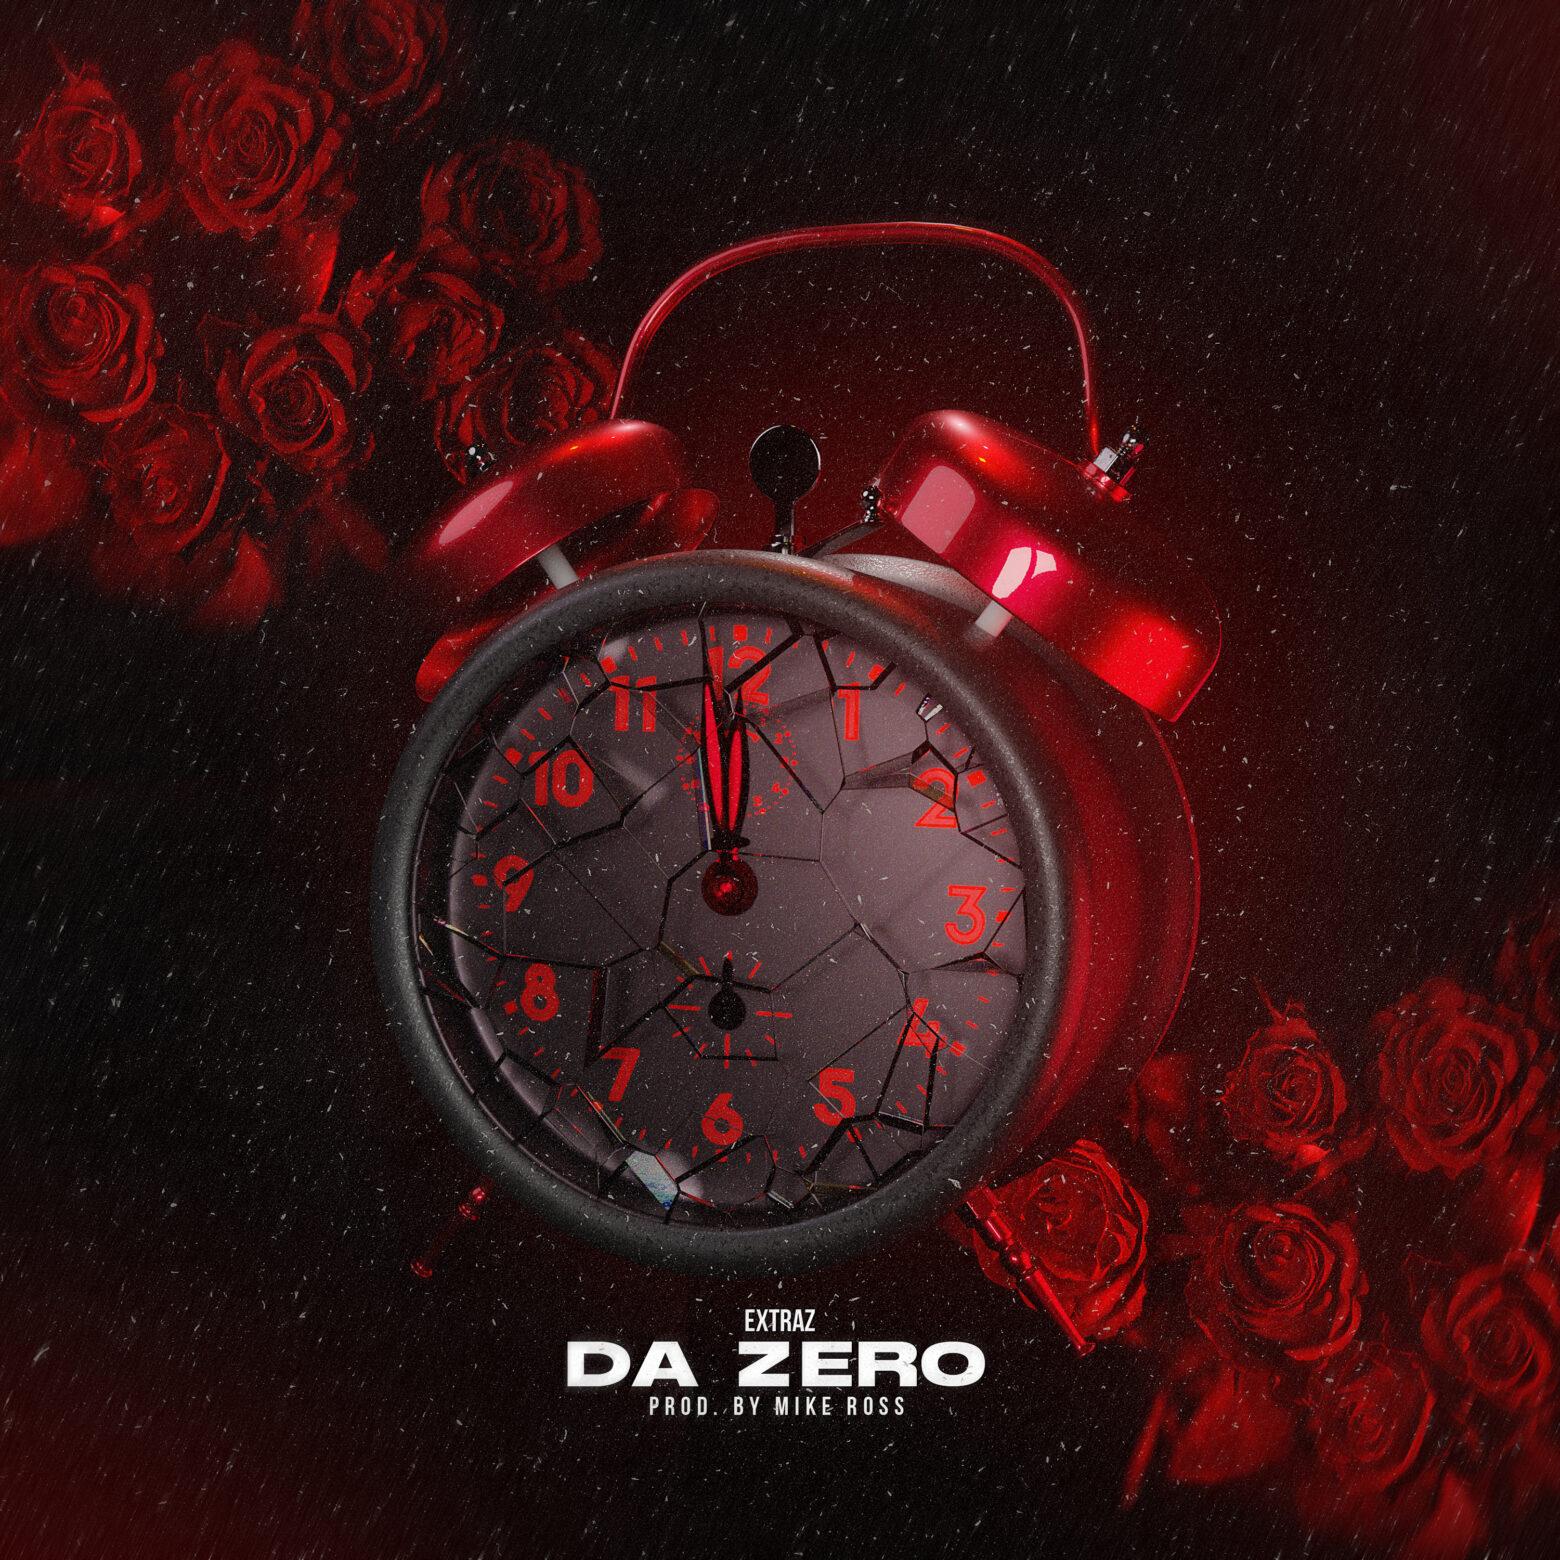 """EXTRAZ, venerdì 12 febbraio esce in radio e in digitale il nuovo singolo """"DA ZERO"""""""